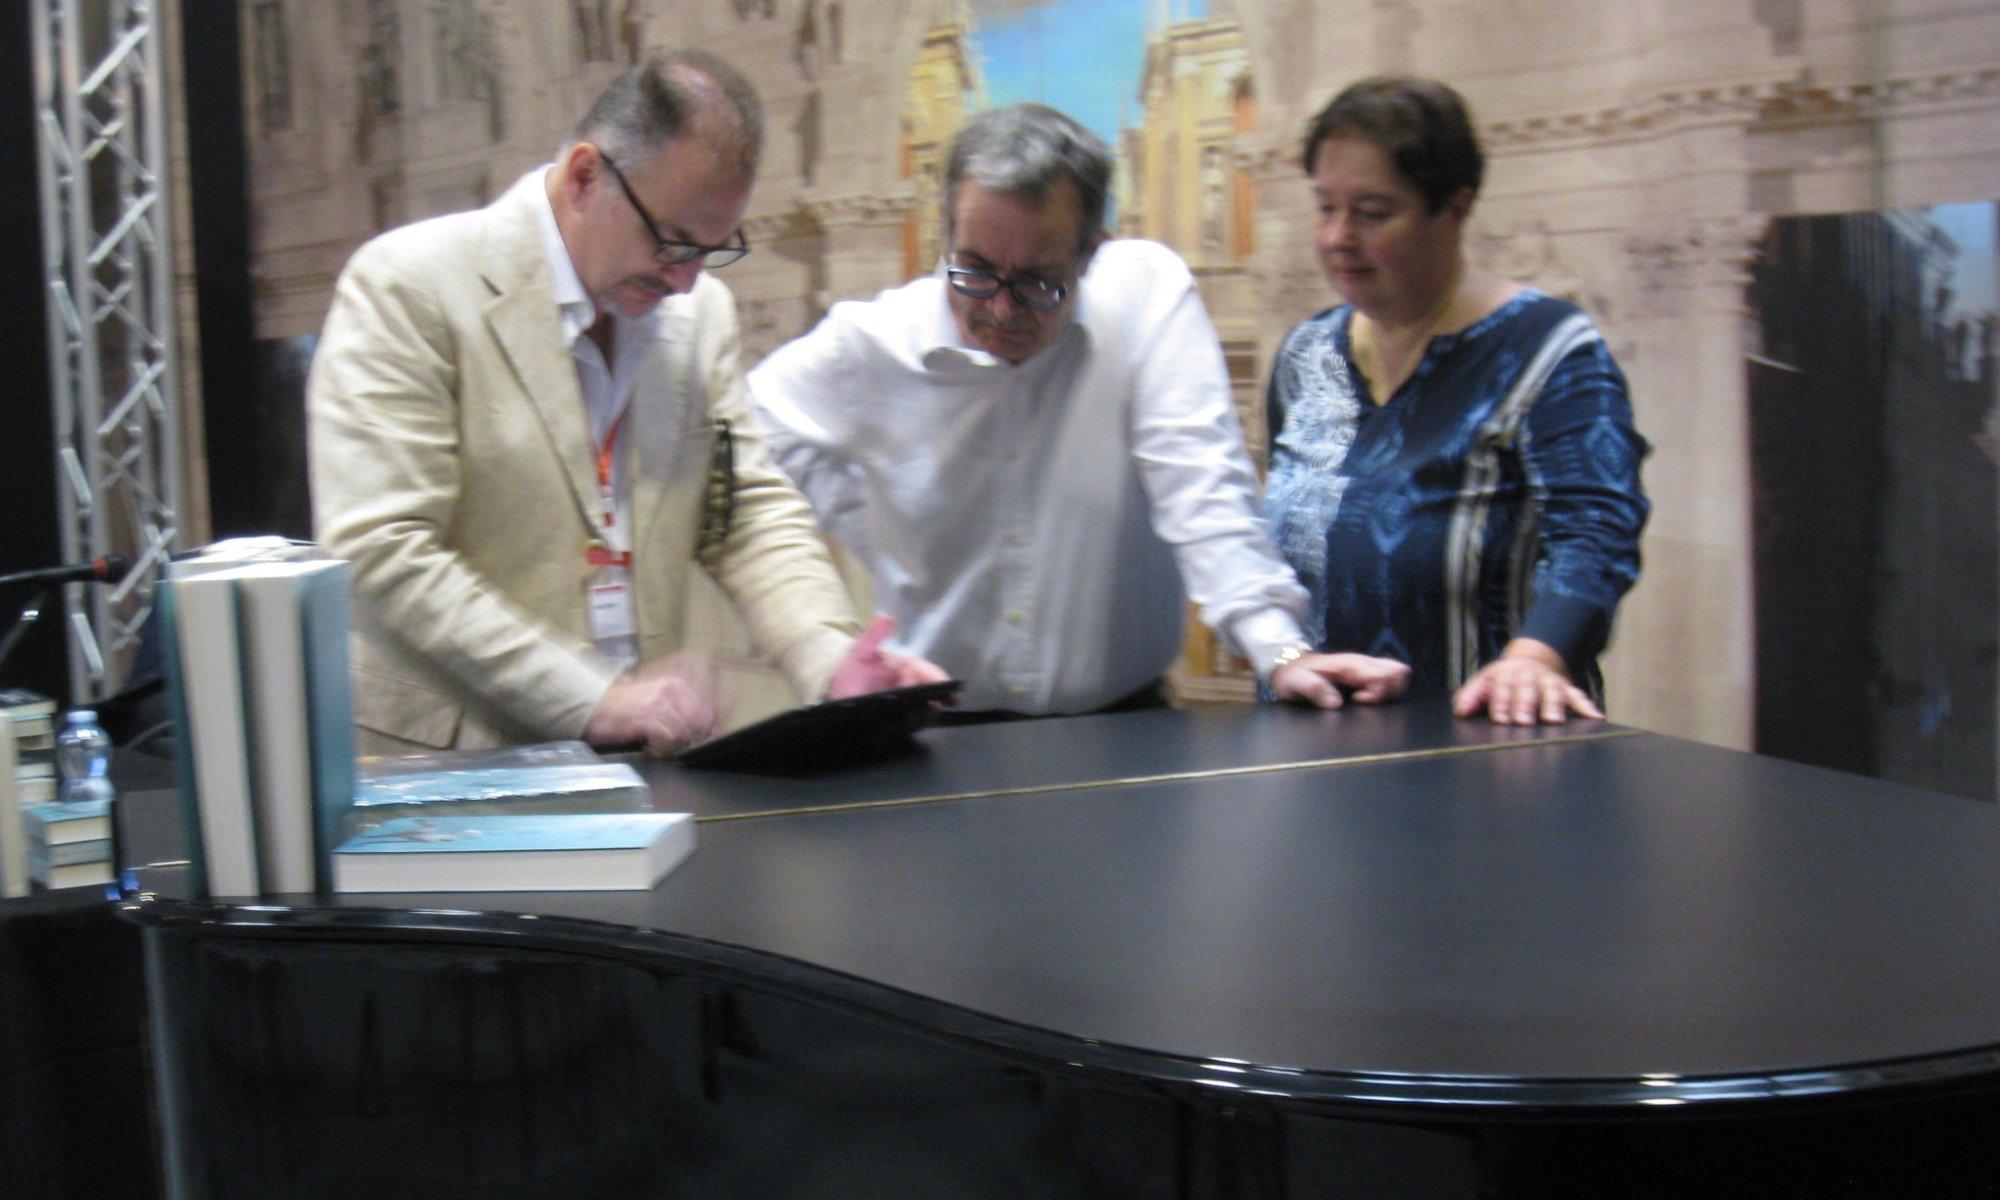 Edoardo Catemario, Anna Trombetta e Luca Bianchini a Cremona Musica, Fiera musicale numero 1 al mondo